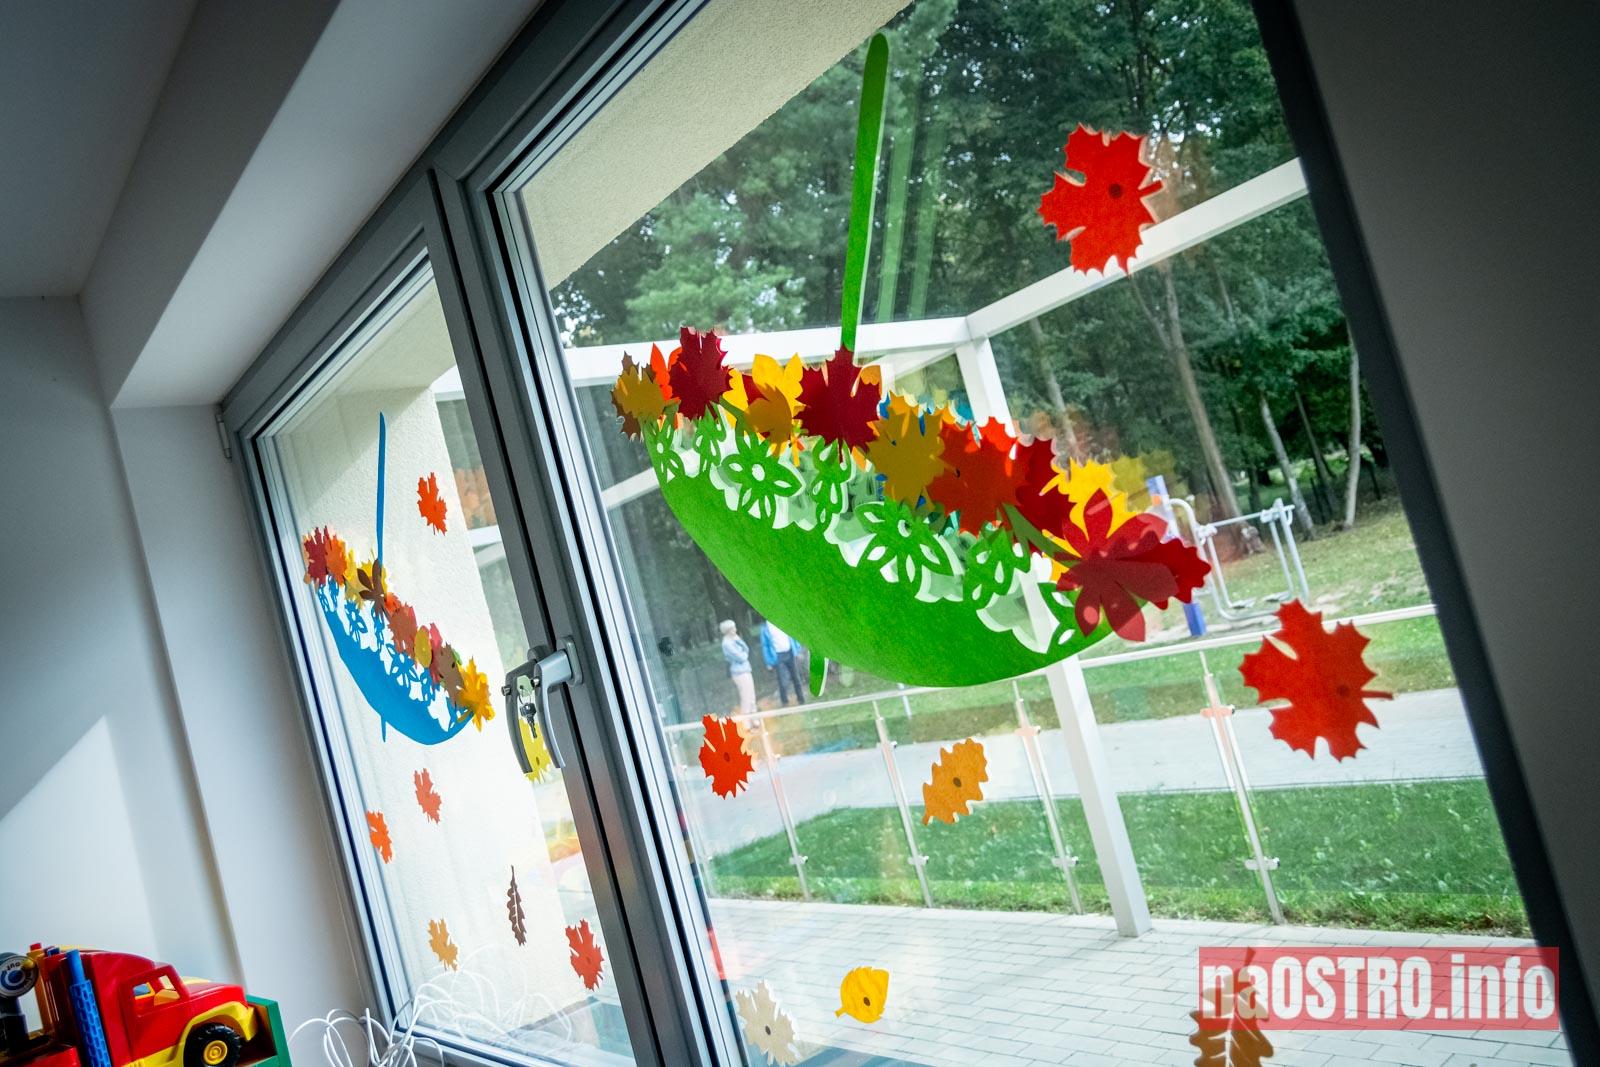 NaOSTRO.info Szkoła Baltów 092020-3